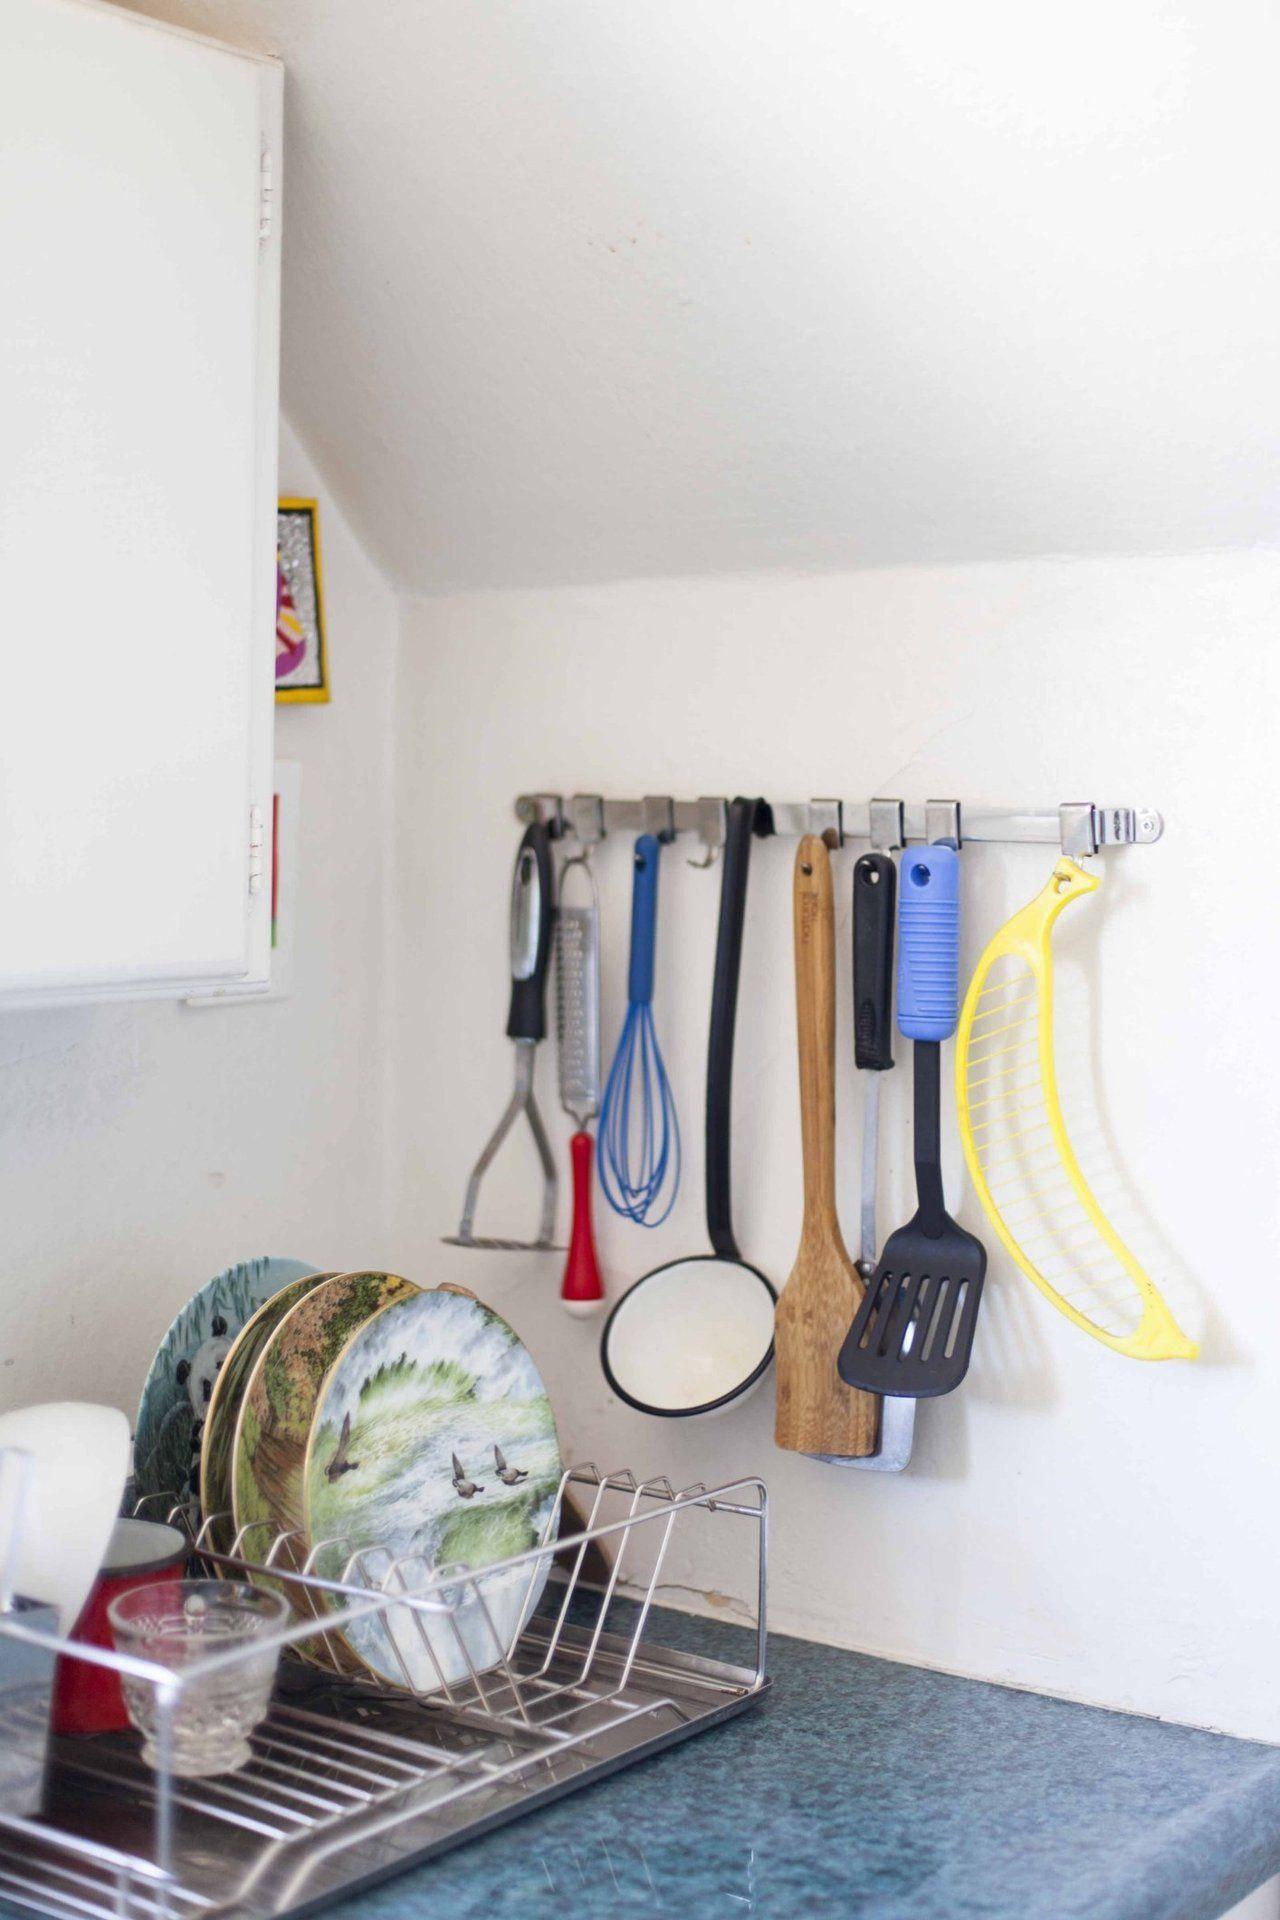 Erfreut Wohnung Therapie Kleine Küchentische Fotos - Küchenschrank ...